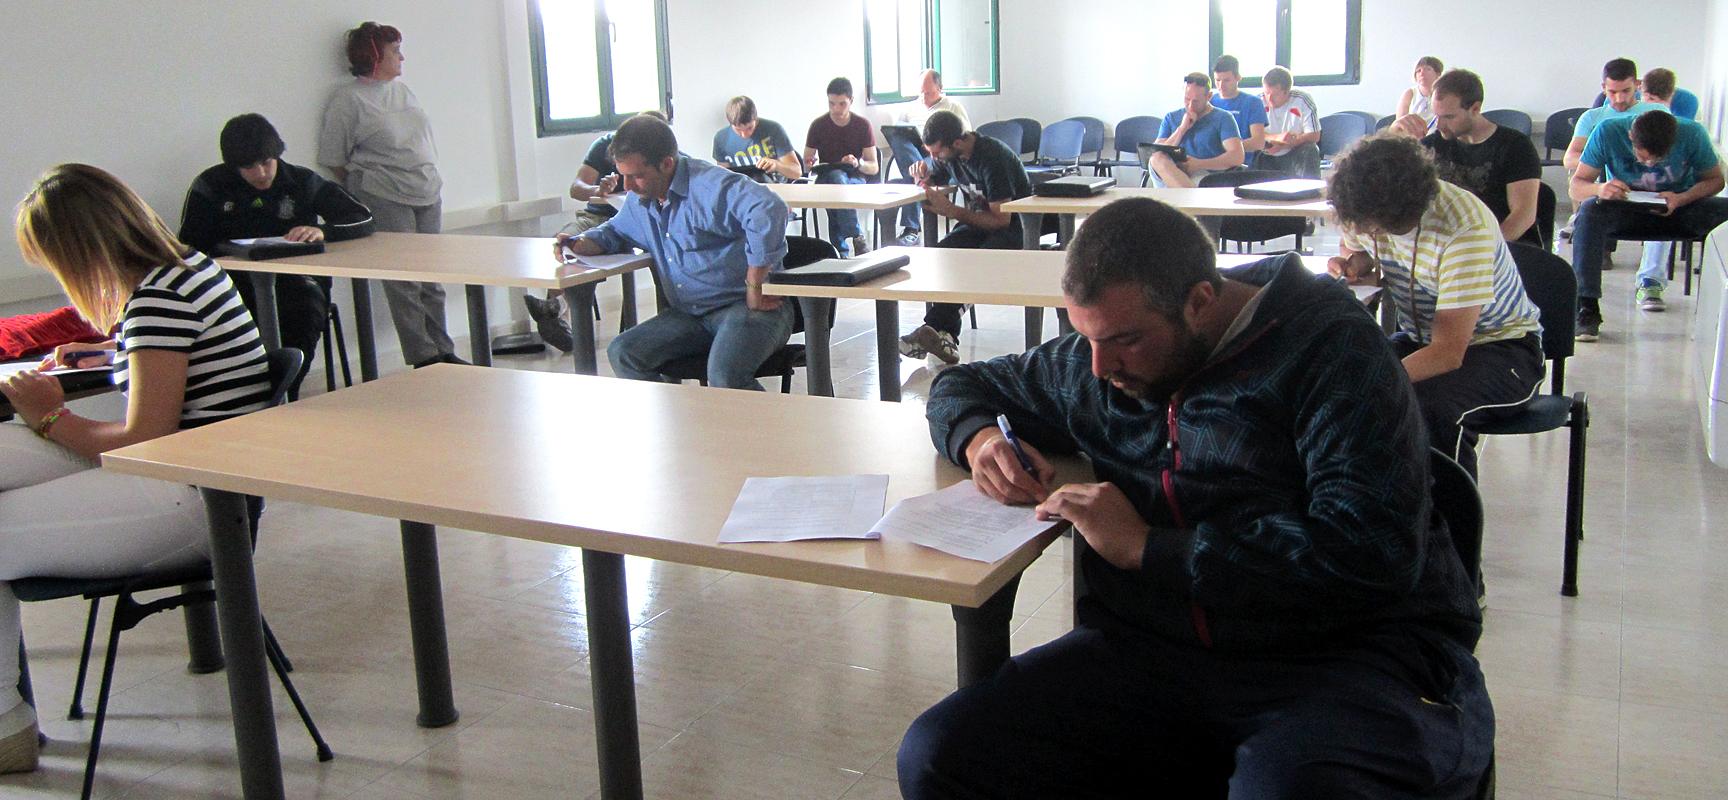 Los 21 alumnos durante el examen realizado por servicios Agricultura JCYL